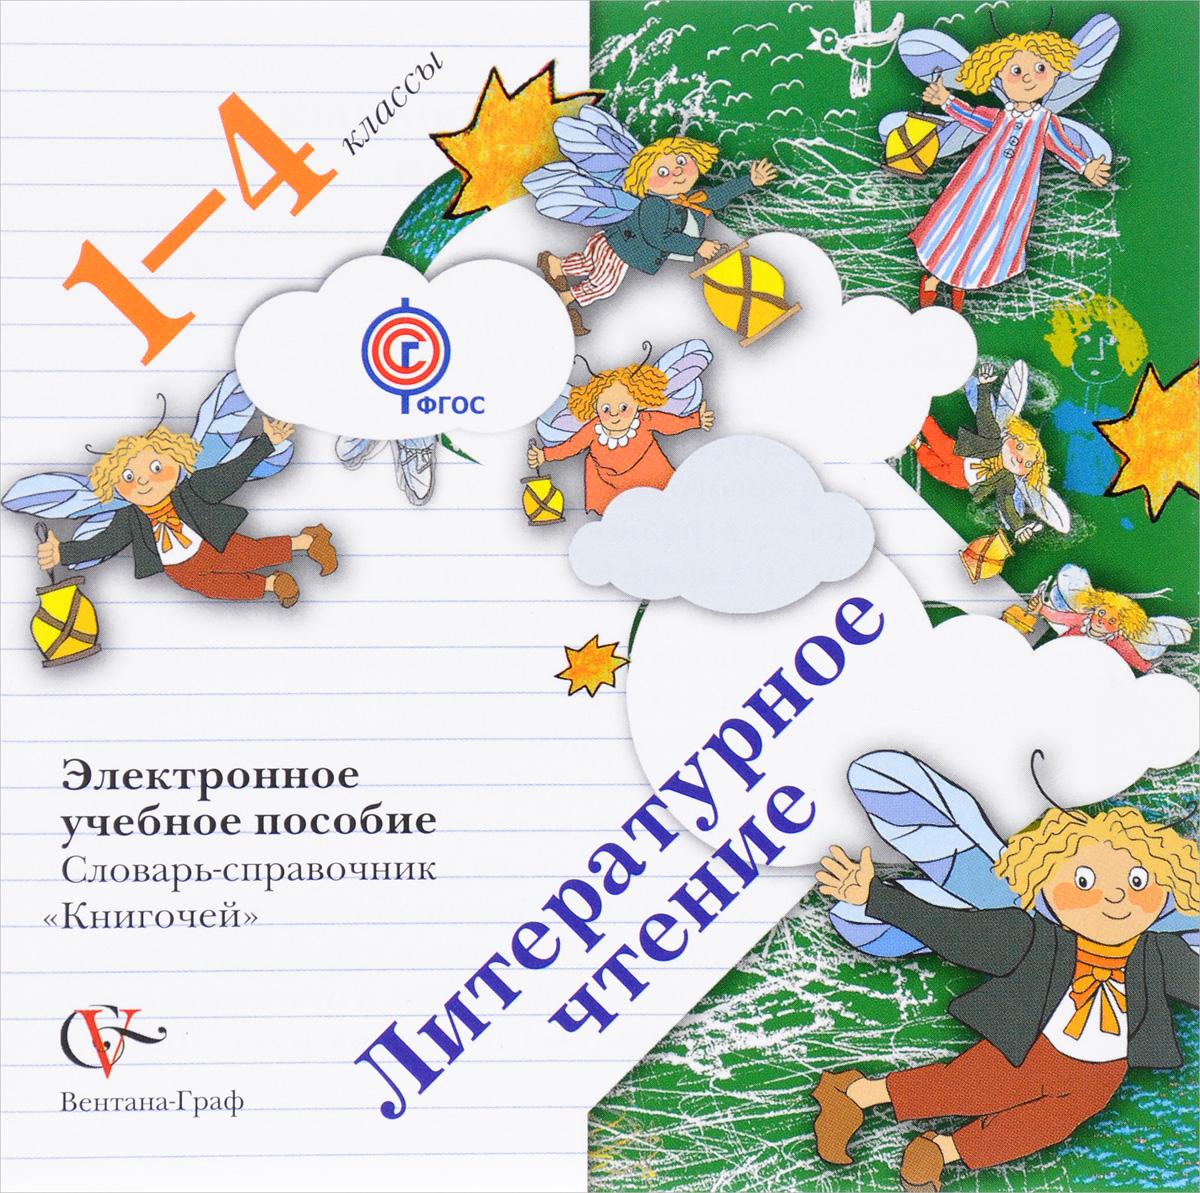 Литературное чтение. 1-4 класс. Словарь-справочник